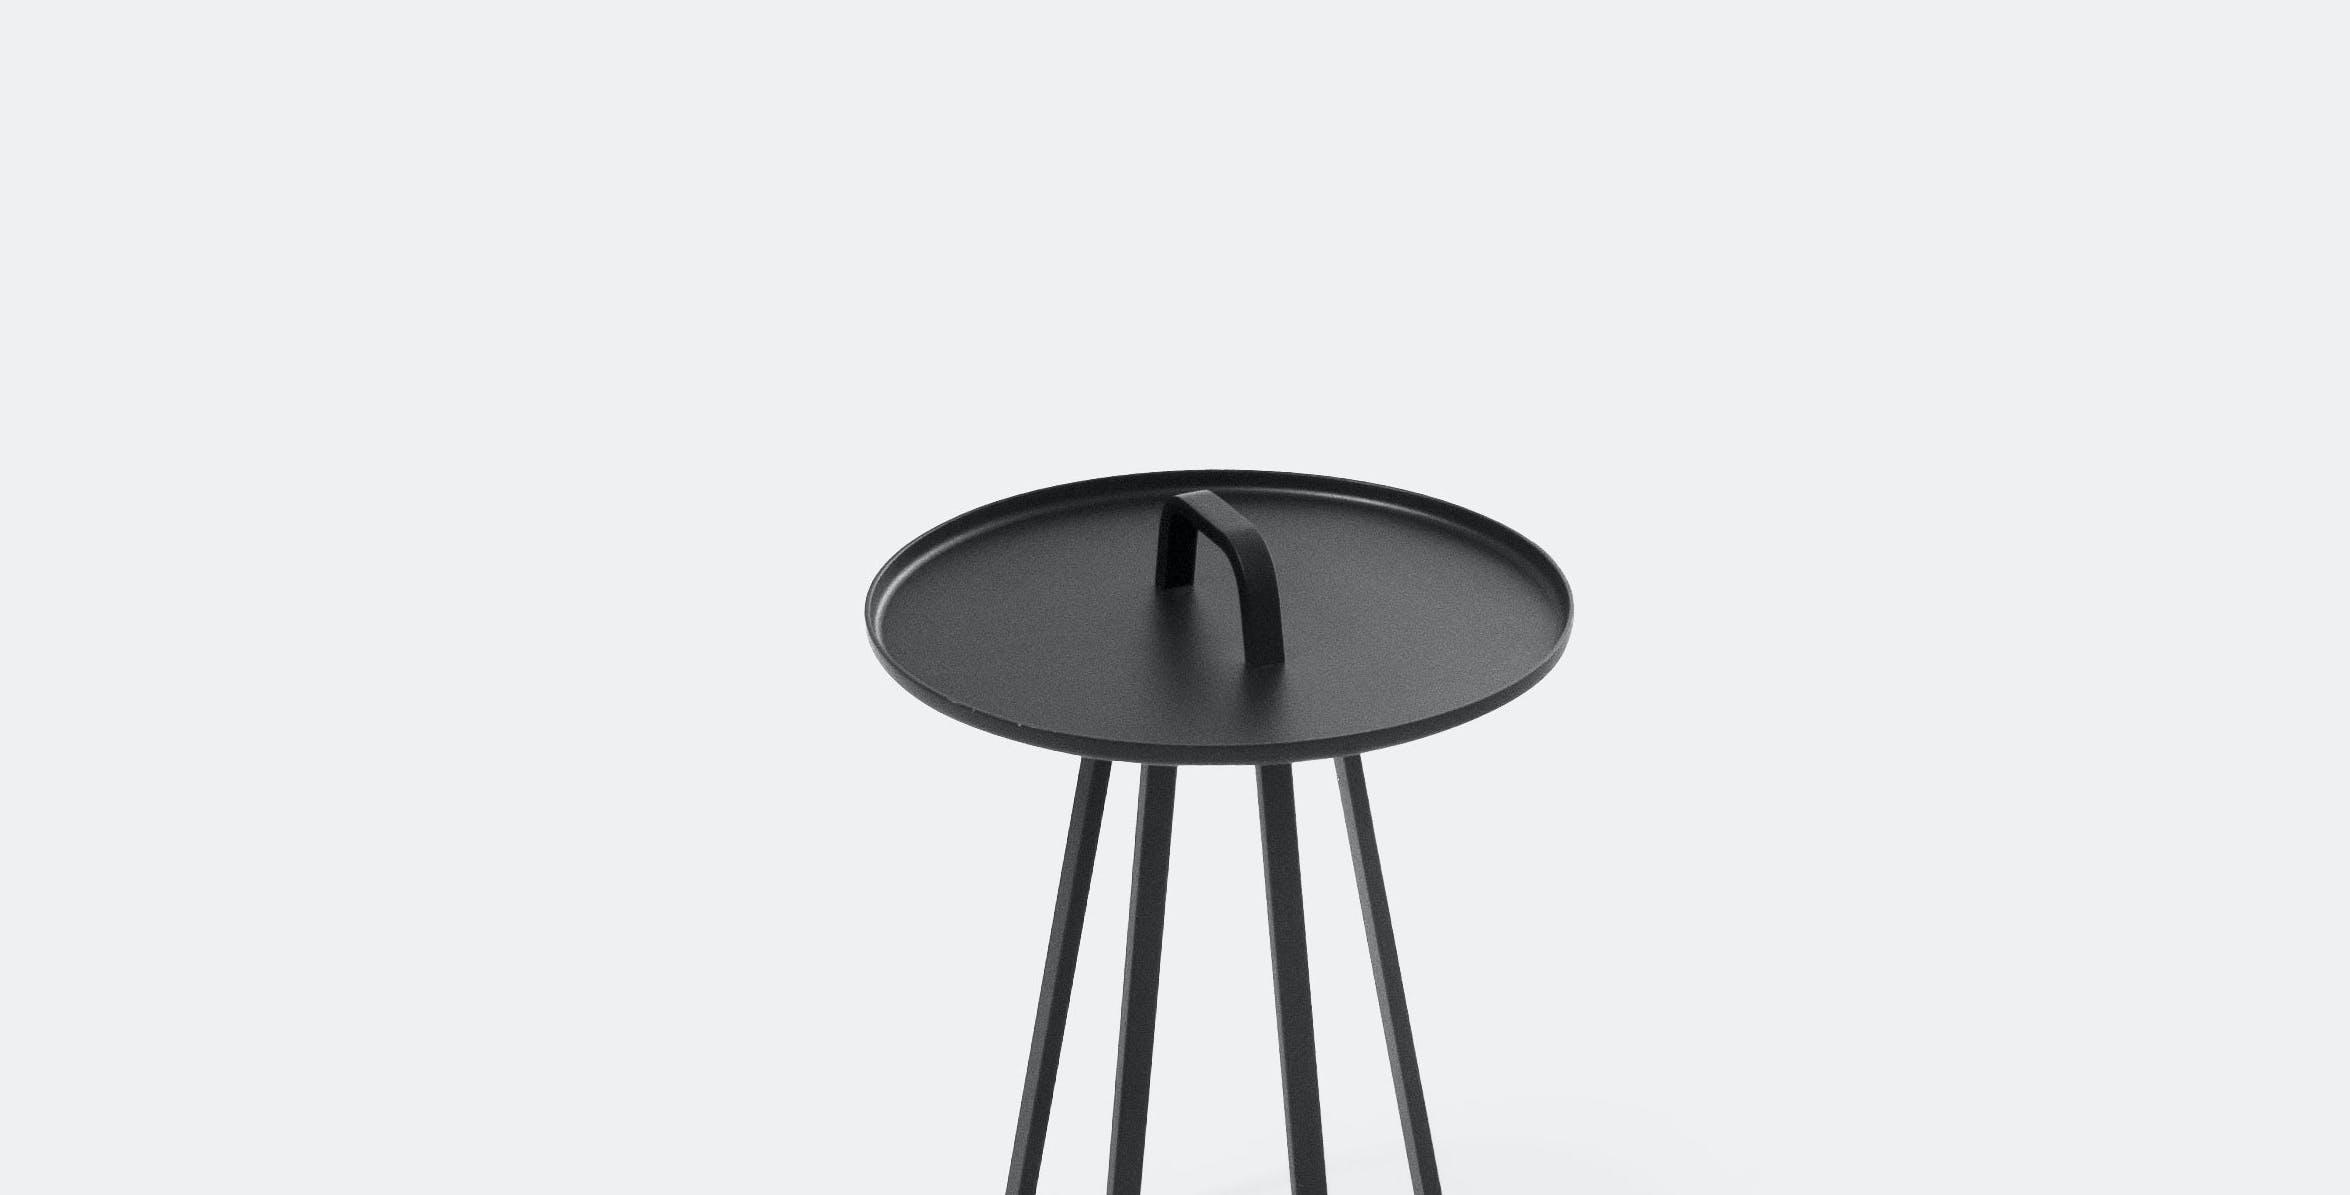 Designer Lambie Van Hengel